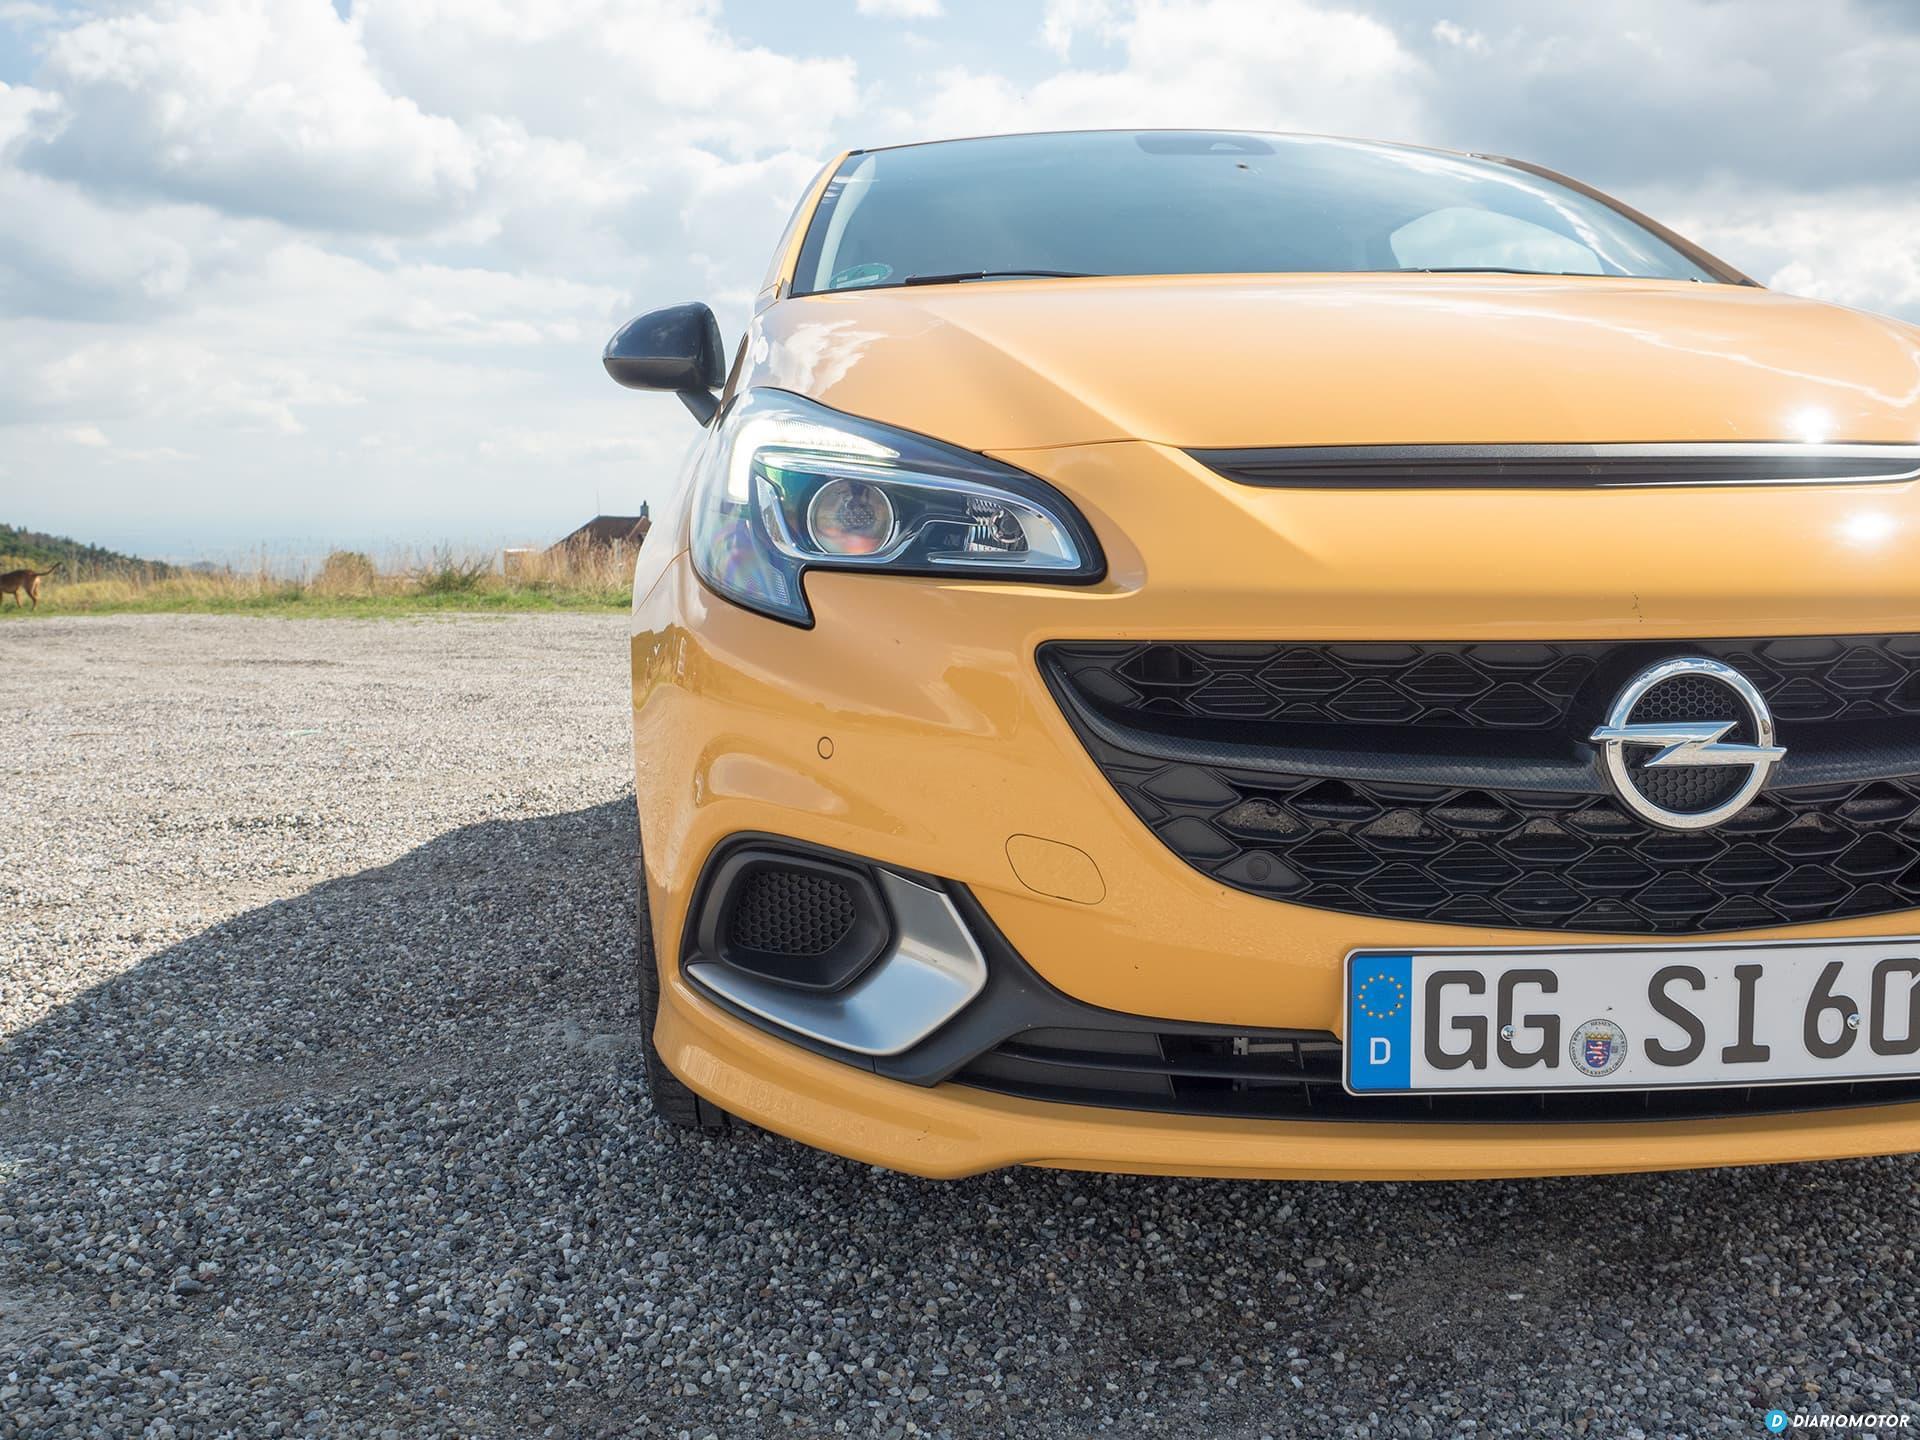 Opel Corsa Gsi Exterior 00001